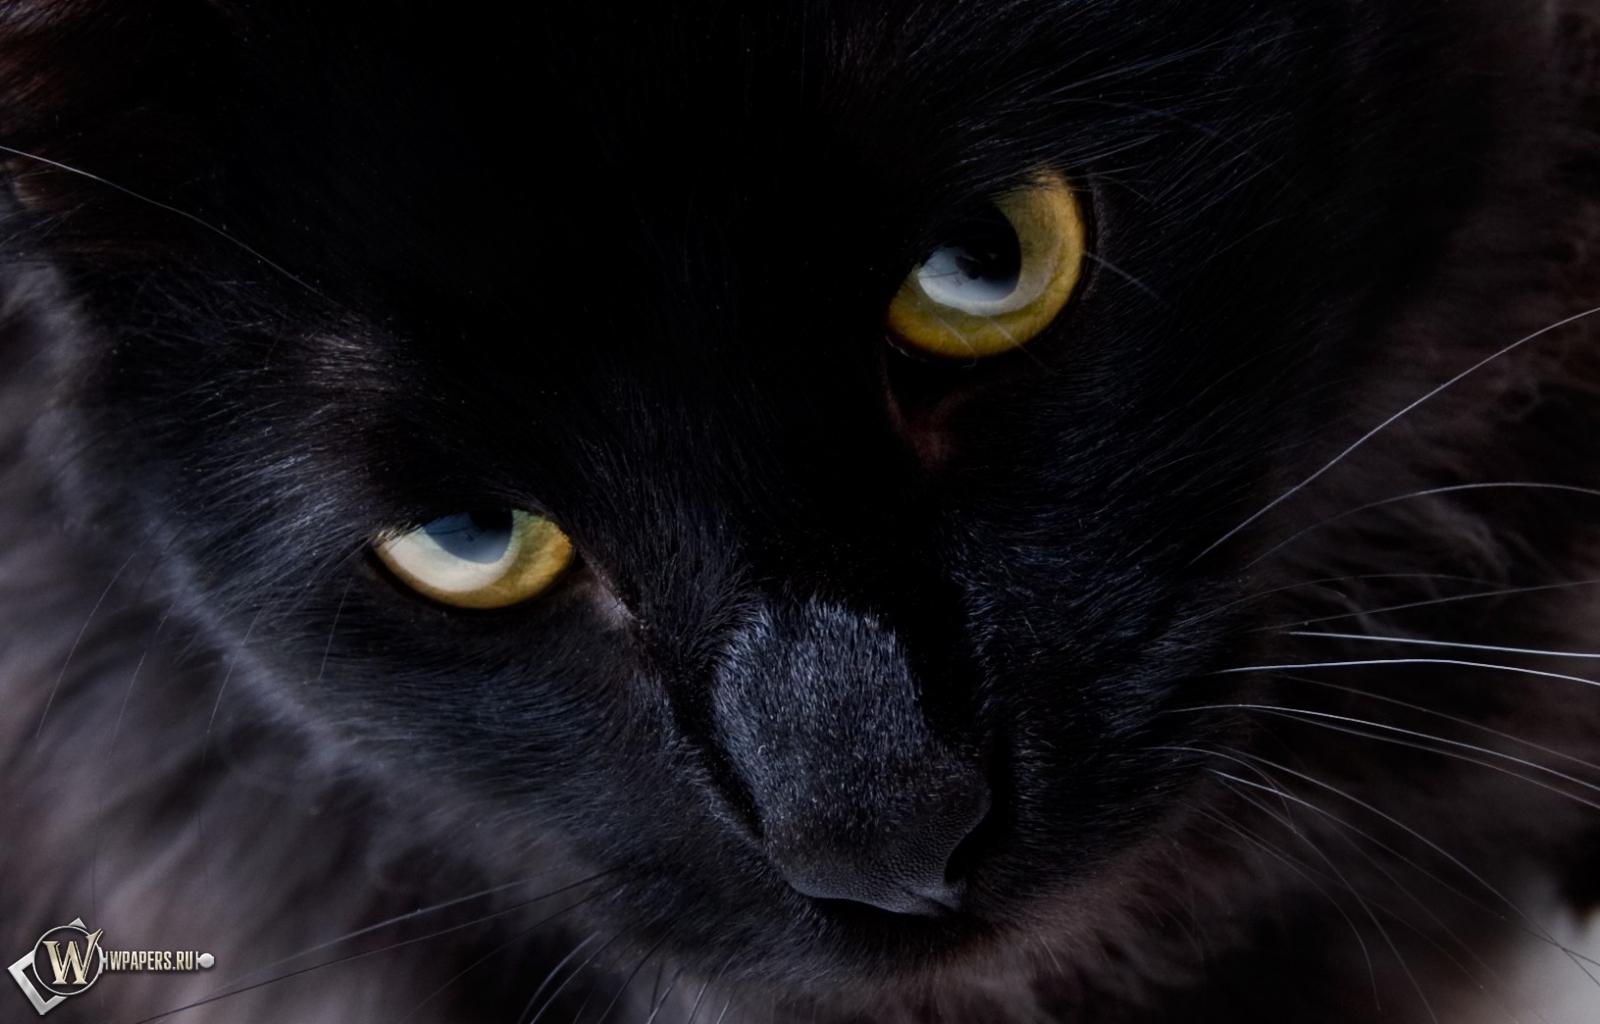 Обои взгляд черной кошки на рабочий